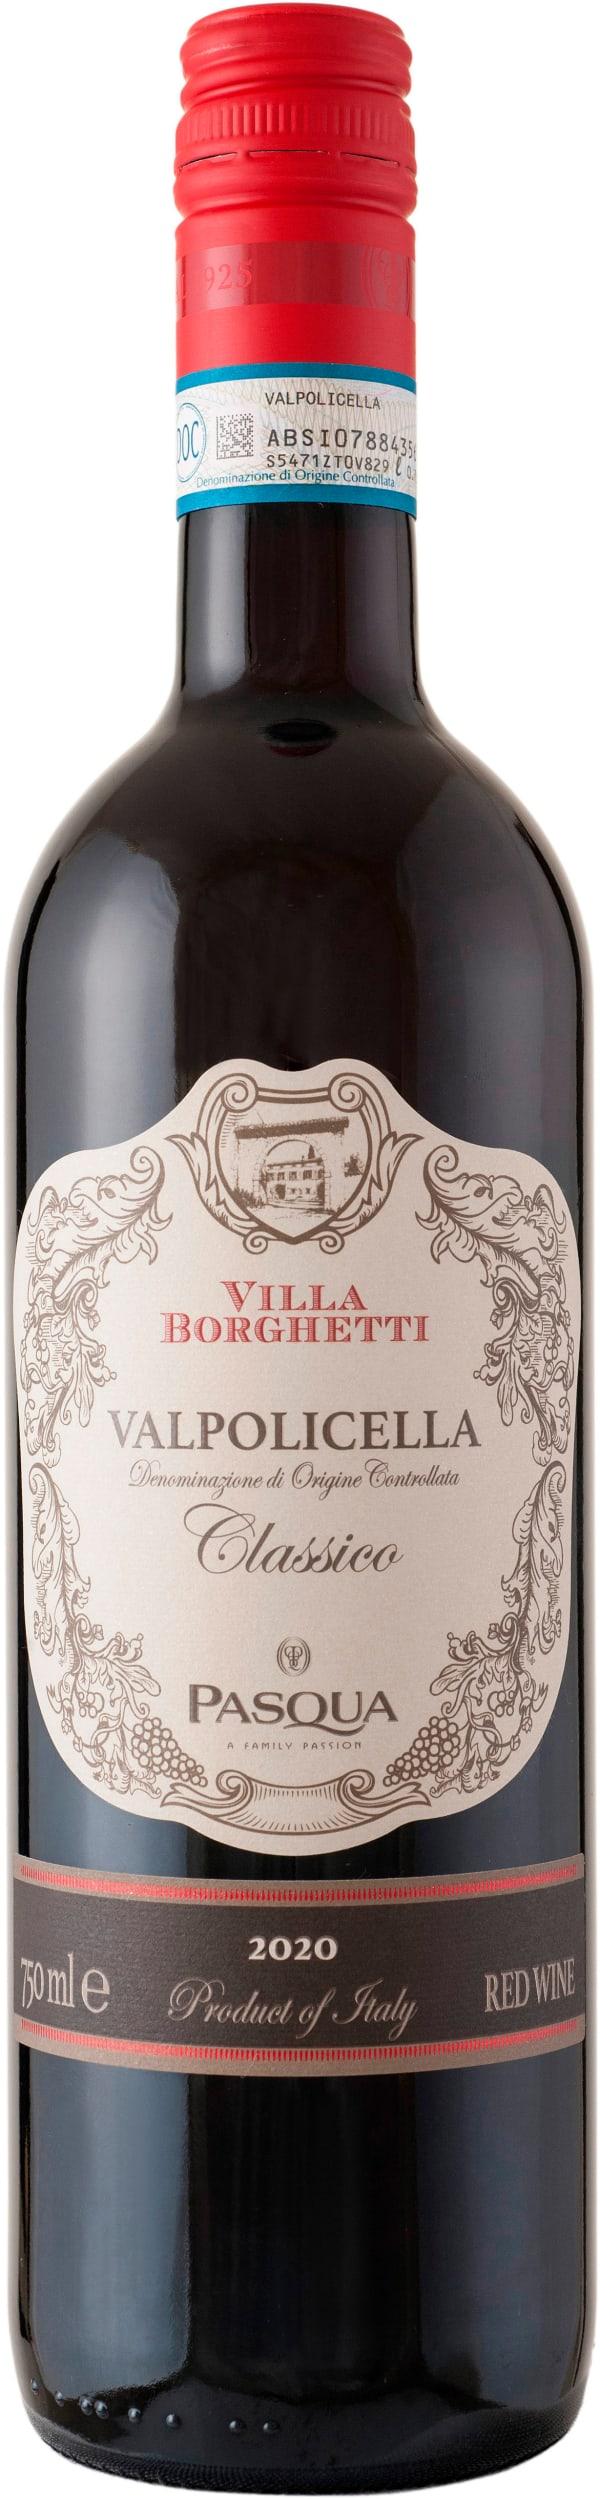 Pasqua Villa Borghetti Valpolicella Classico 2017